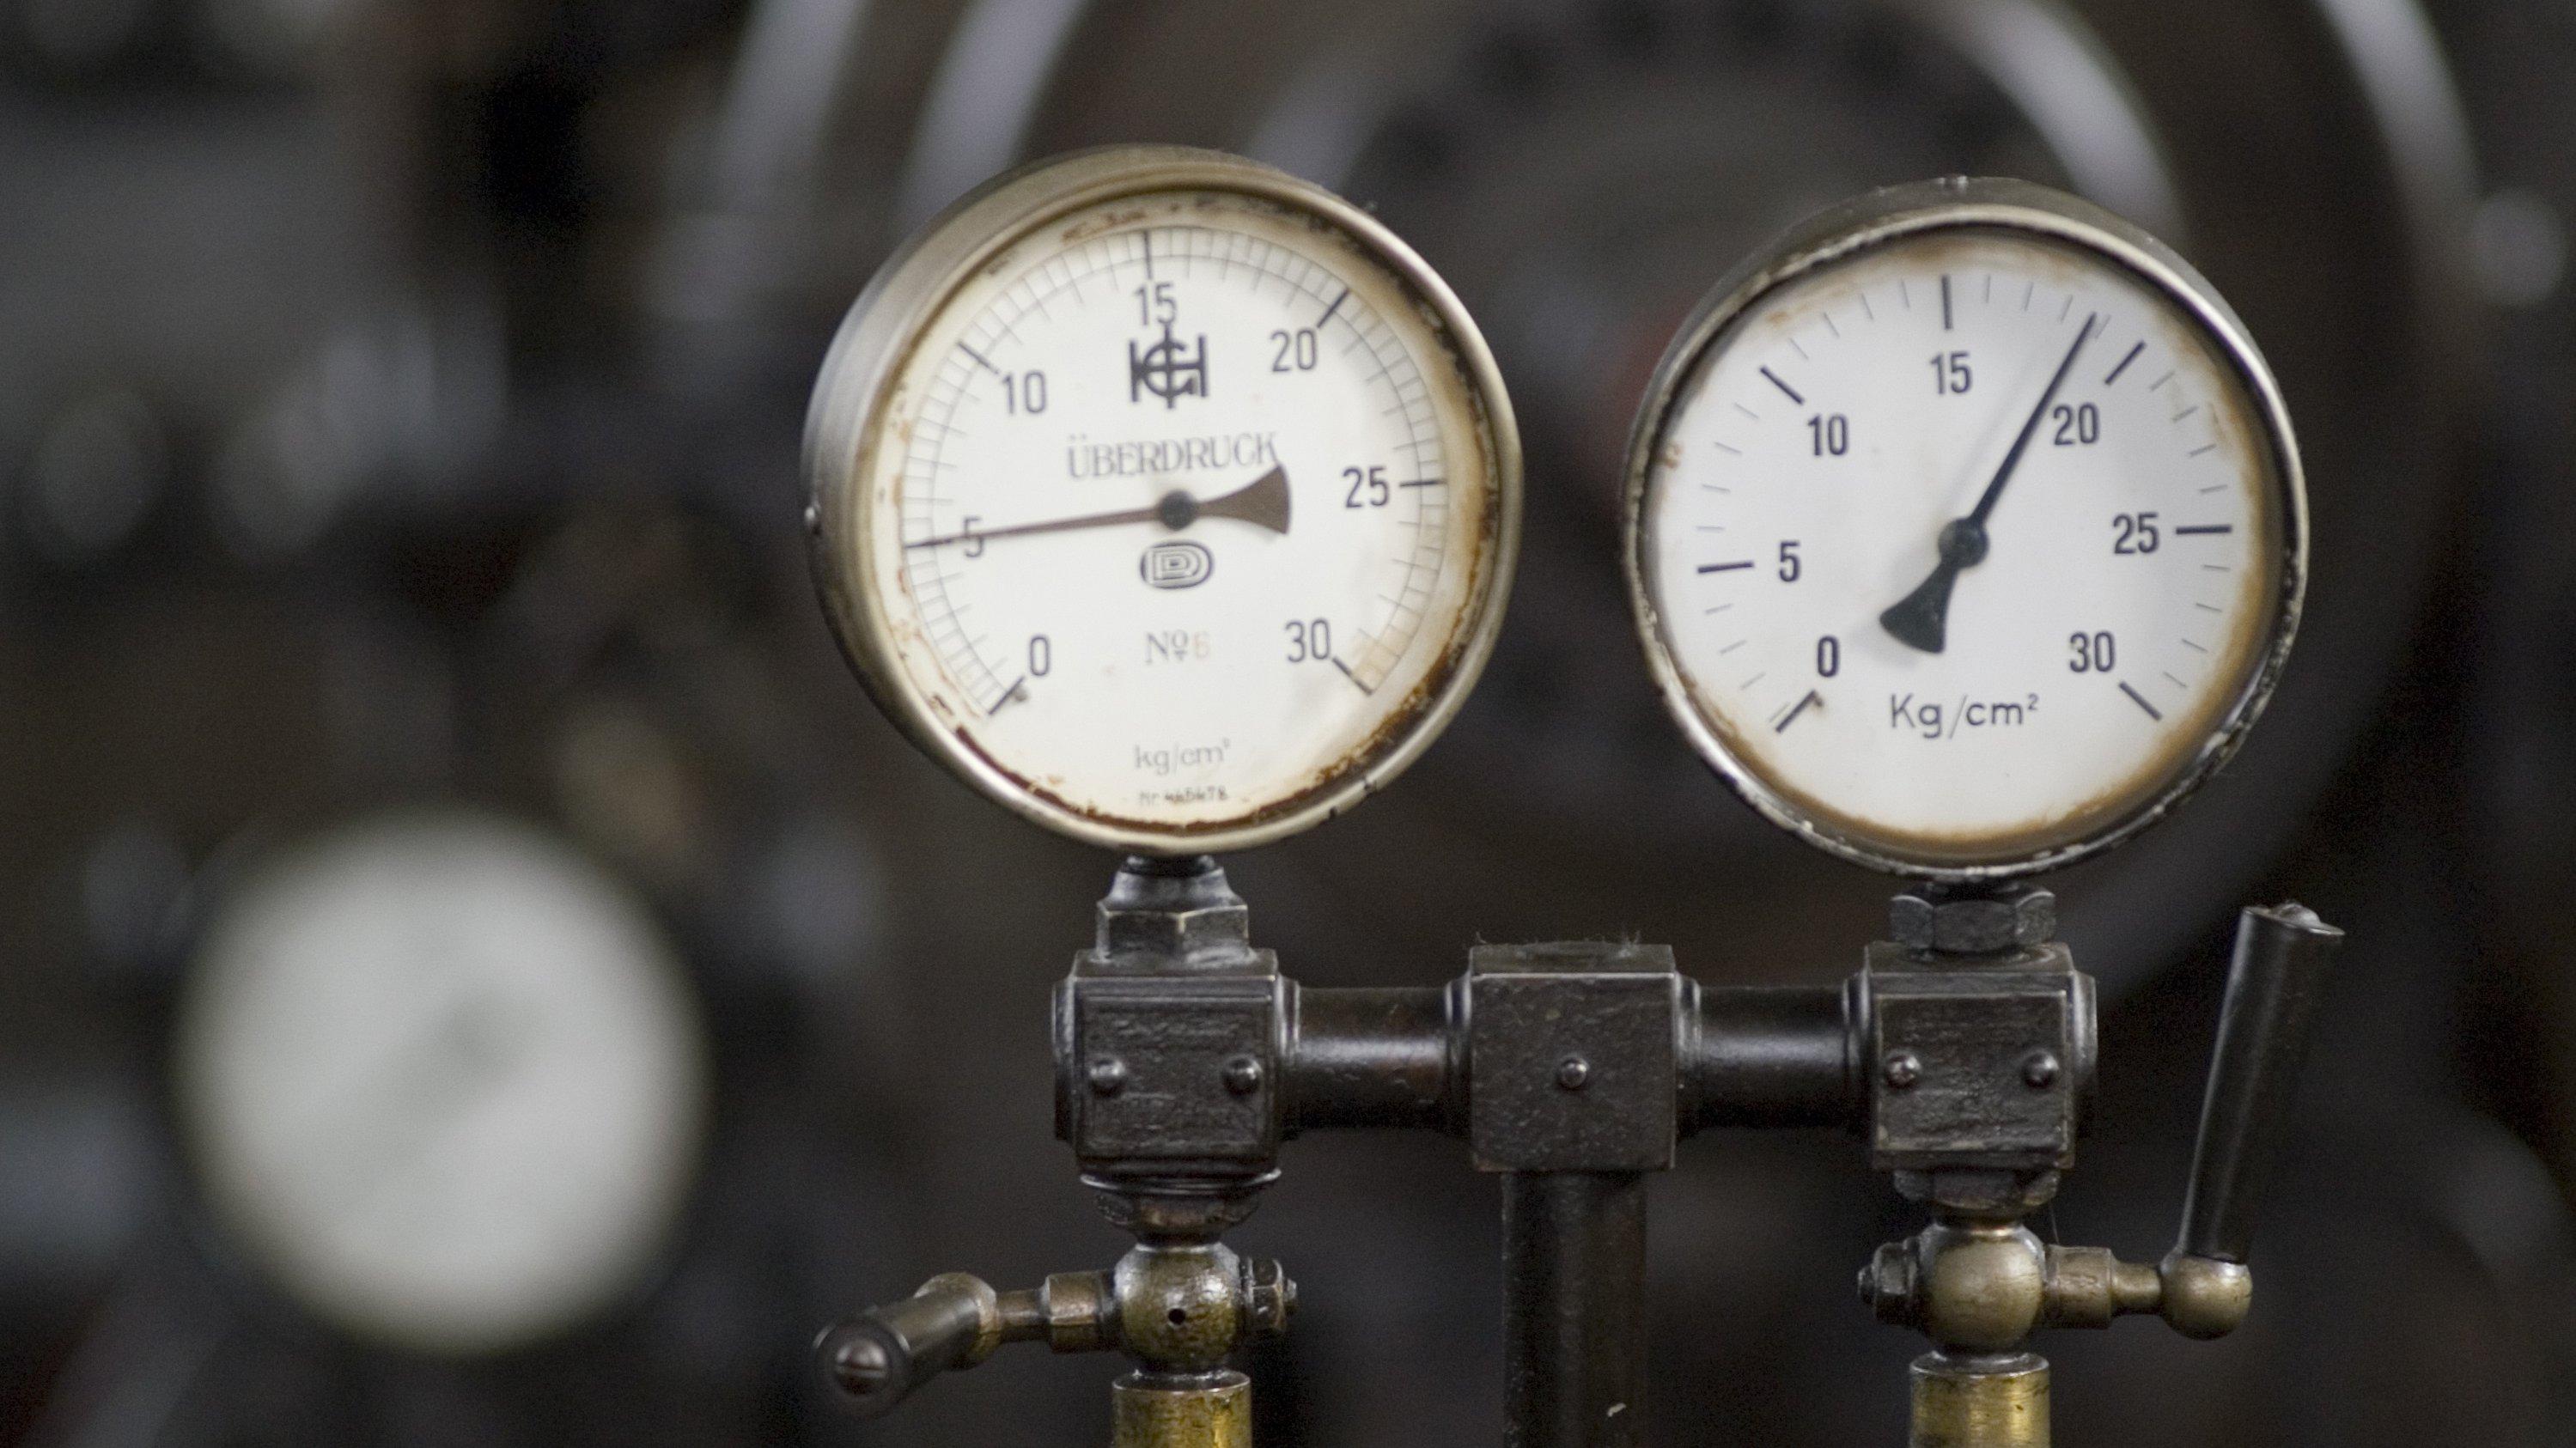 Et manometer måler trykket på en gasflaske.